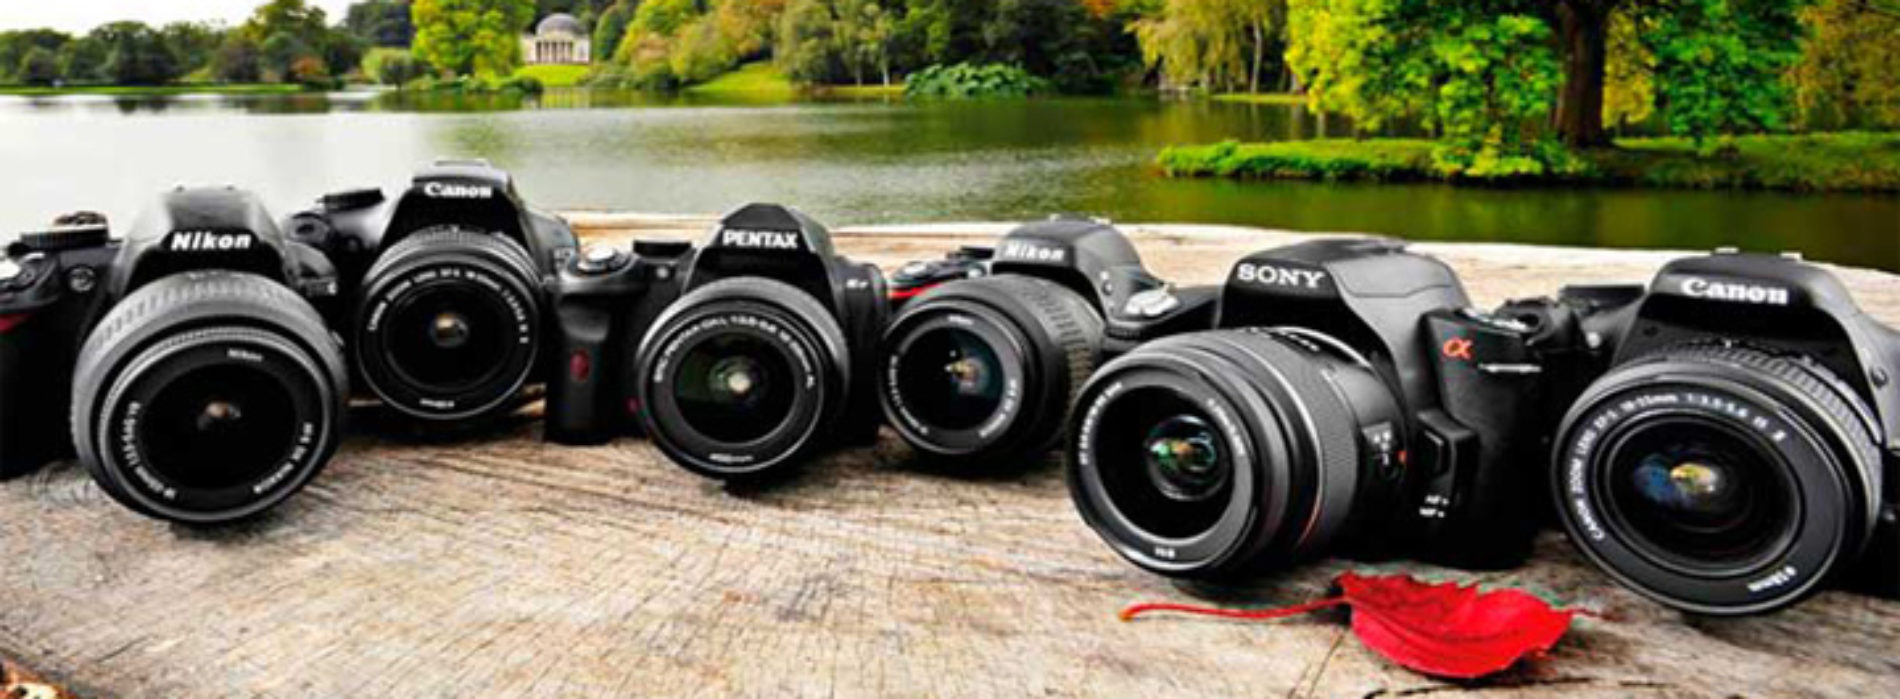 Ремонт зеркальных фотоаппаратов